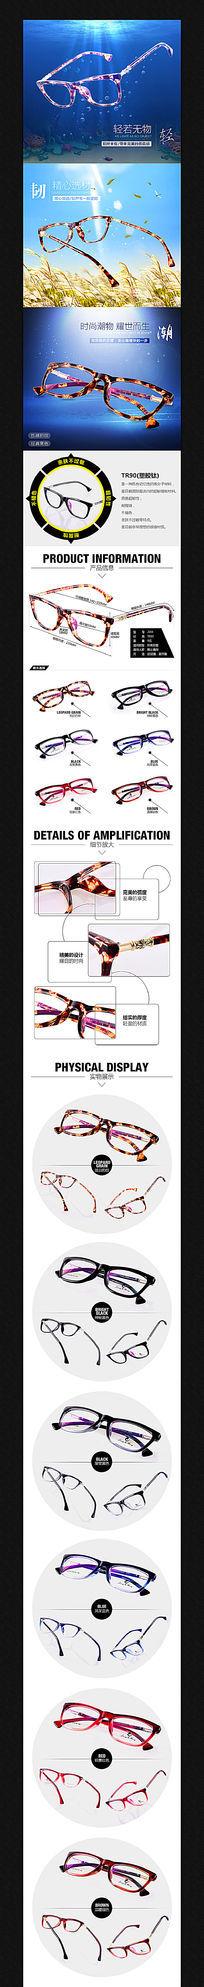 淘宝装饰眼镜详情页描述图